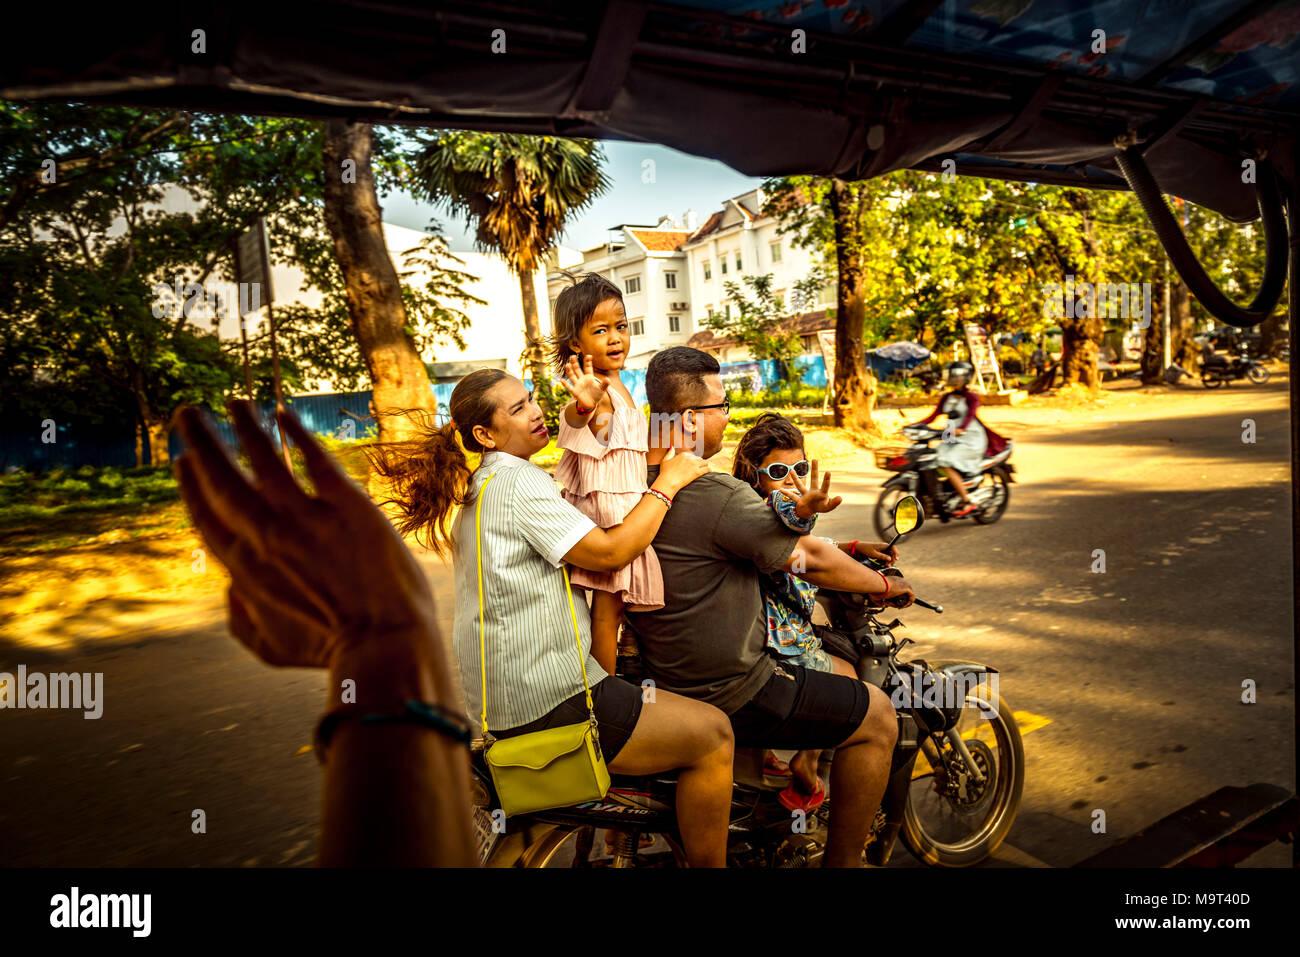 Asien, Kambodscha, Angkor Wat, Tuk Tuk Stockbild